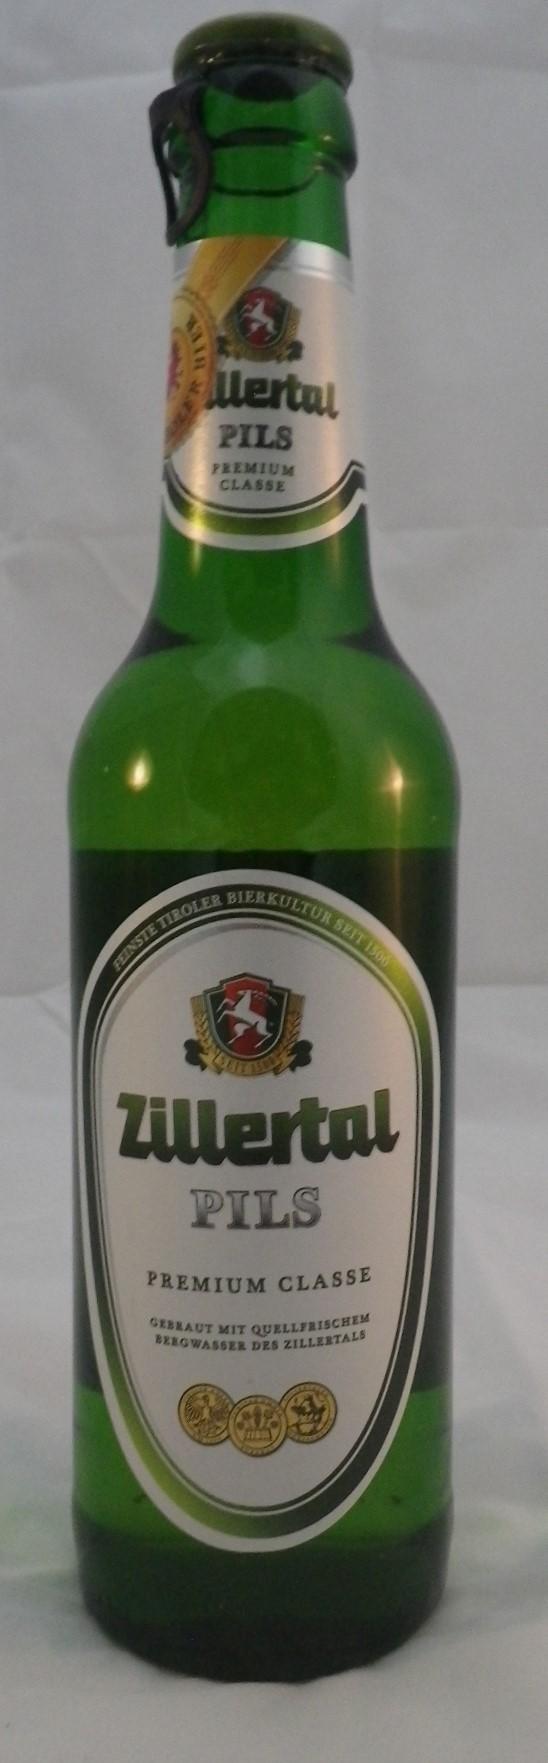 Zillertal ツィラタール ピルス 12本セット